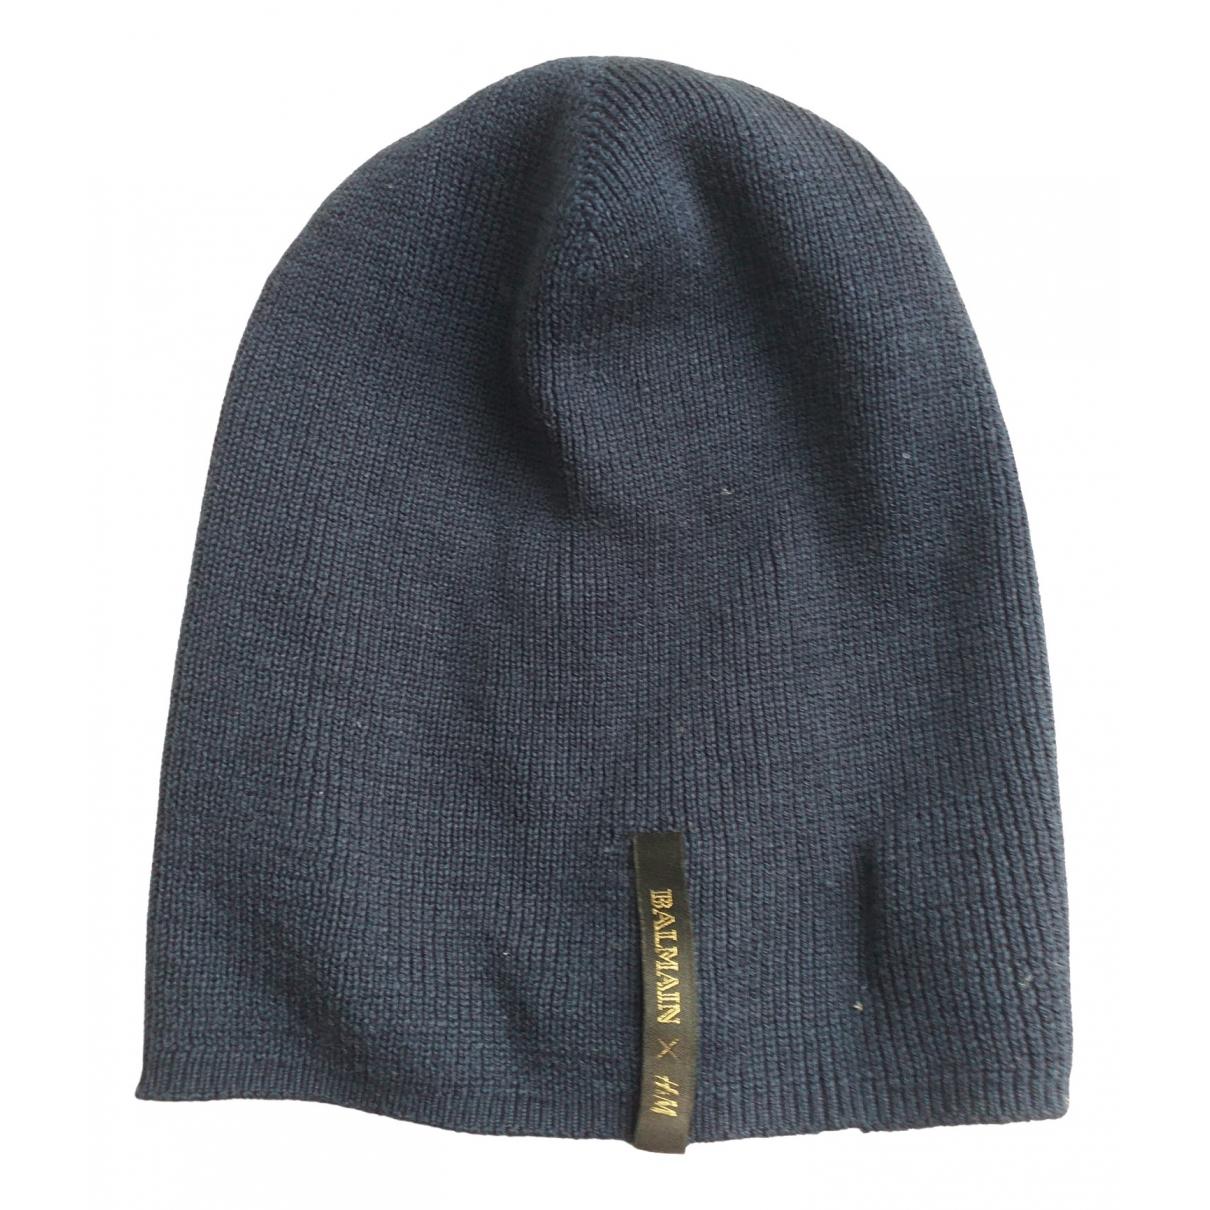 Sombrero / gorro Balmain For H&m